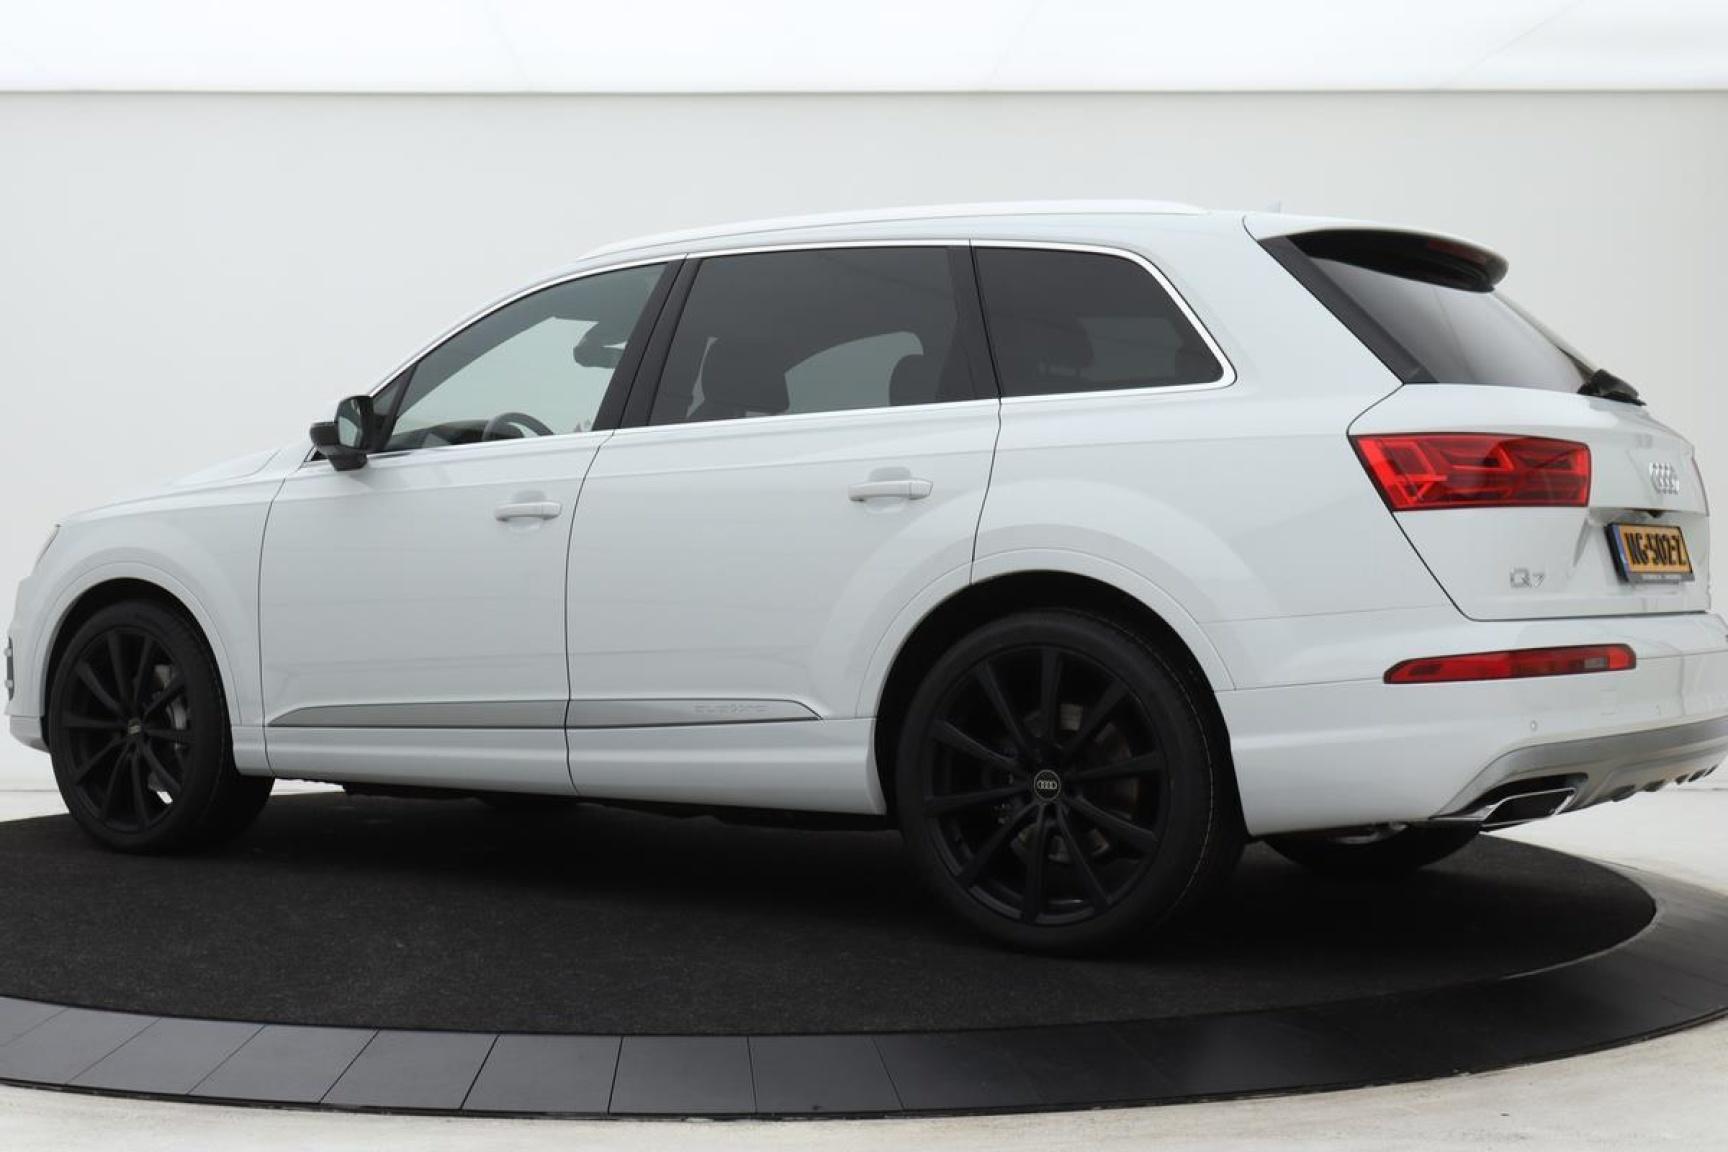 Audi-Q7-1